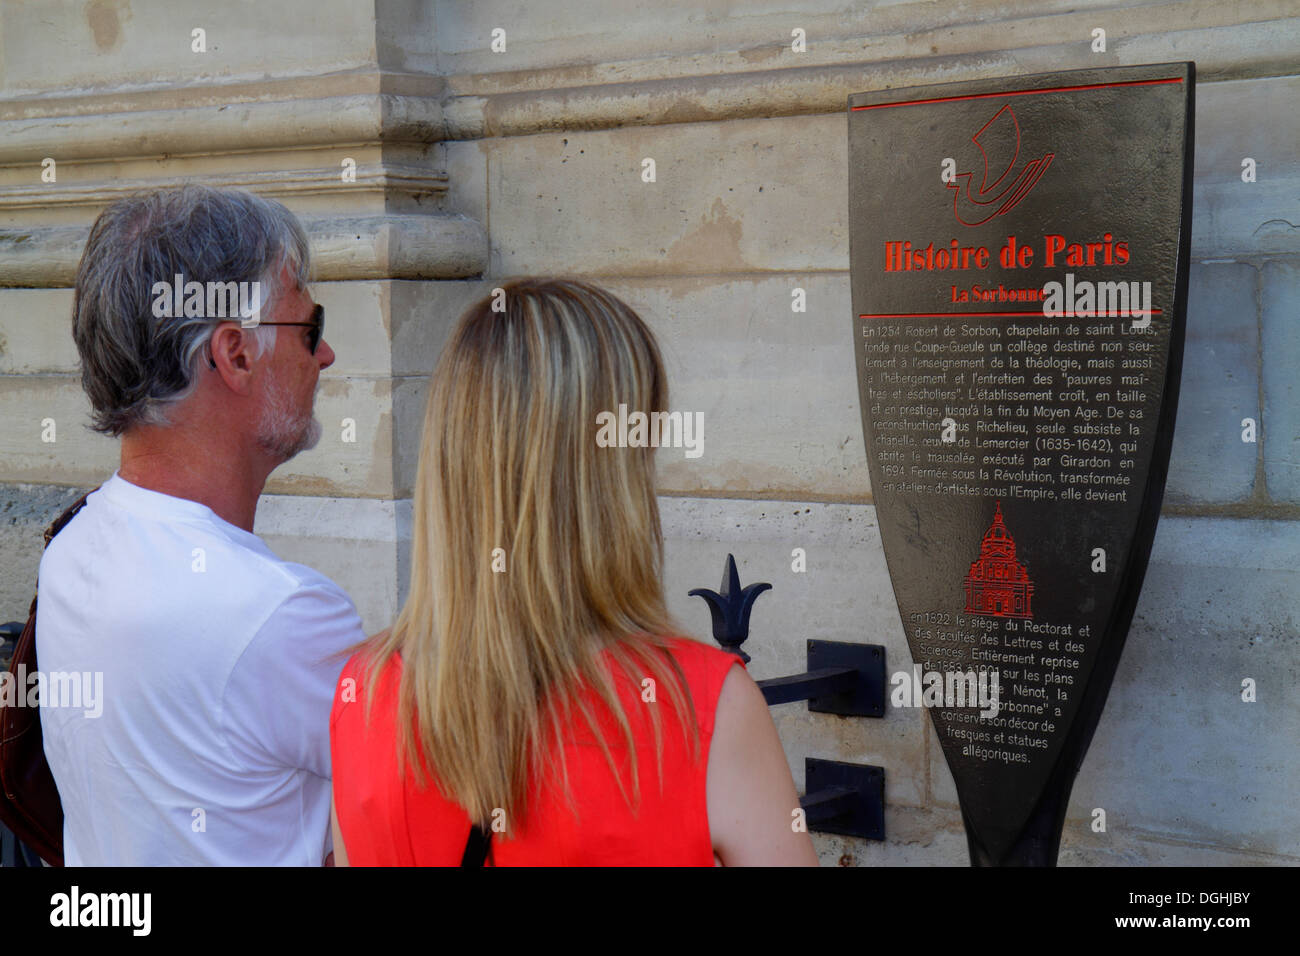 Paris France Europe French 5th arrondissement Latin Quarter Rive Gauche Left Bank Rue Victor Cousin La Sorbonne Paris University - Stock Image